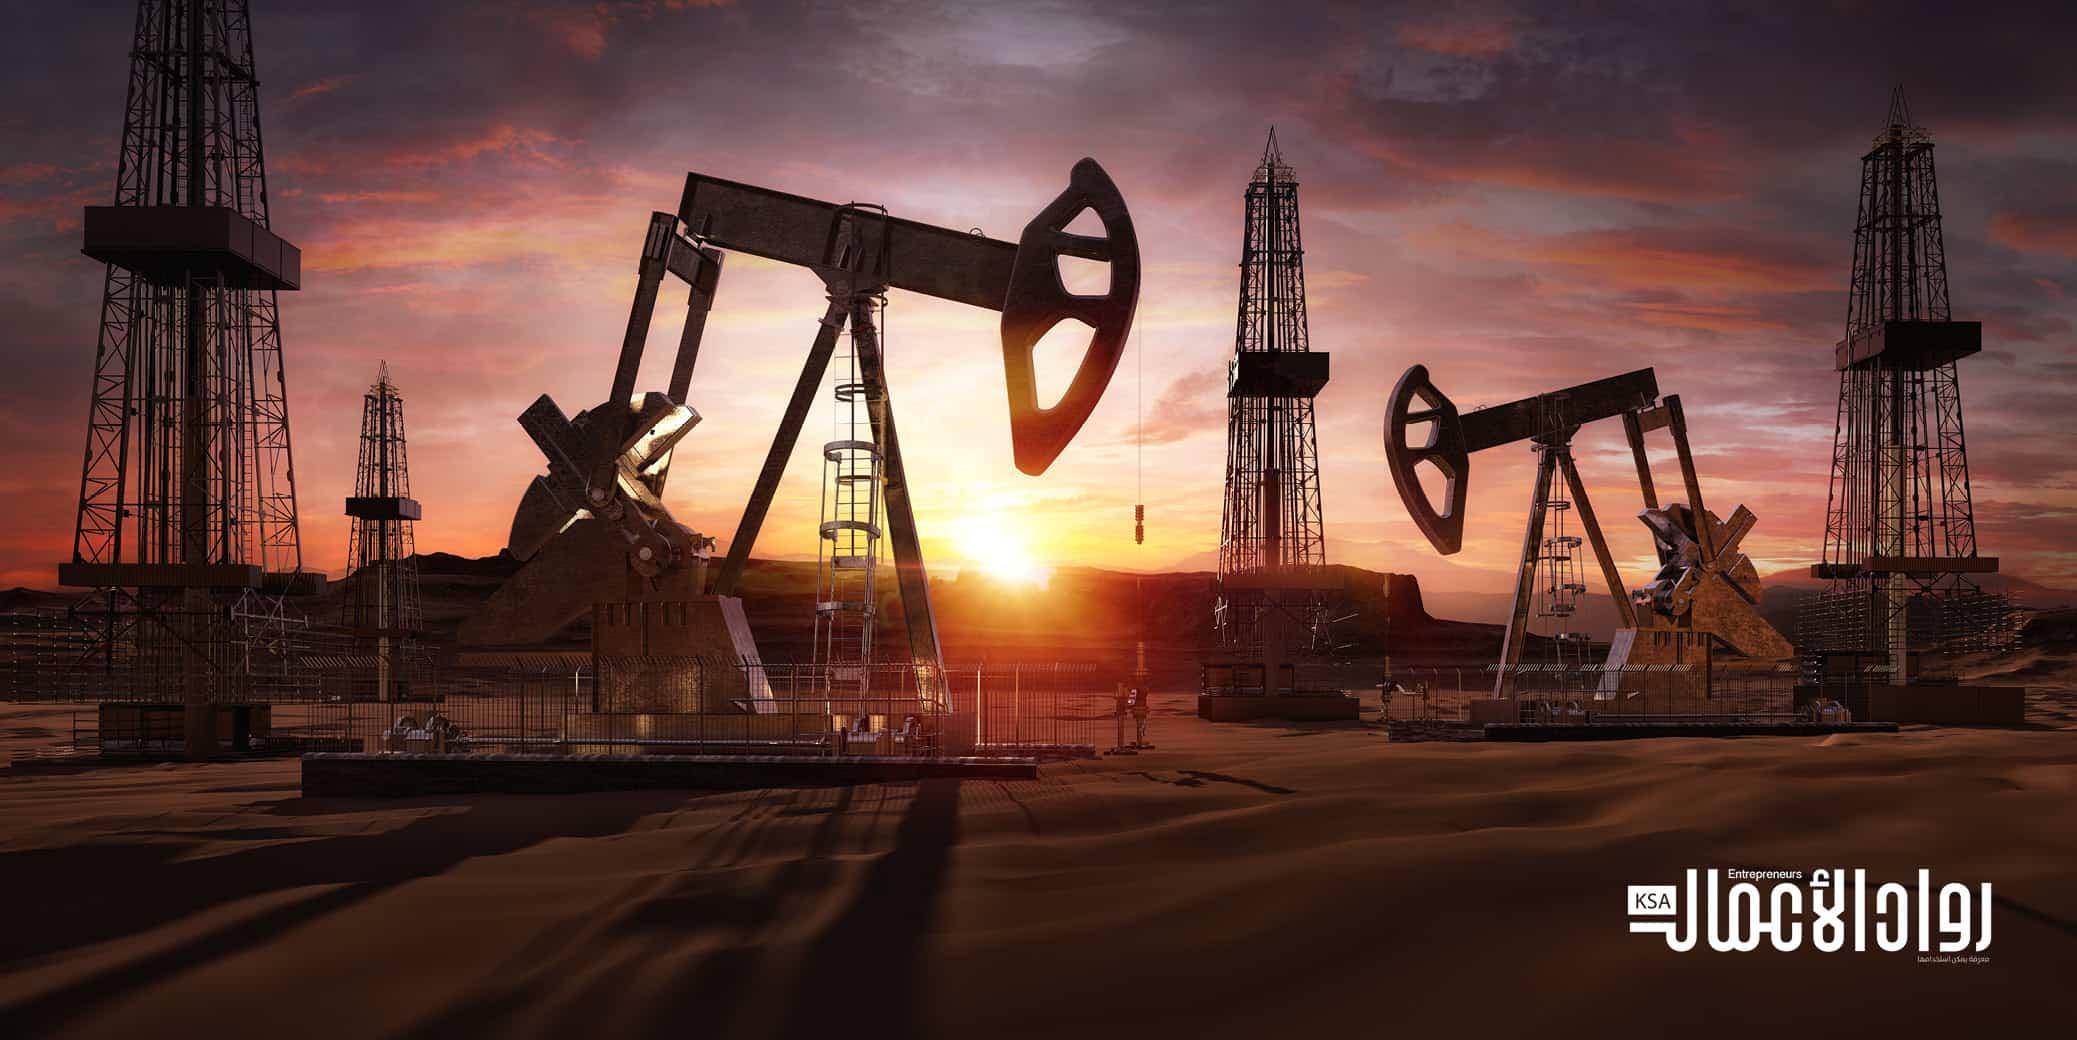 الصادرات غير البترولية